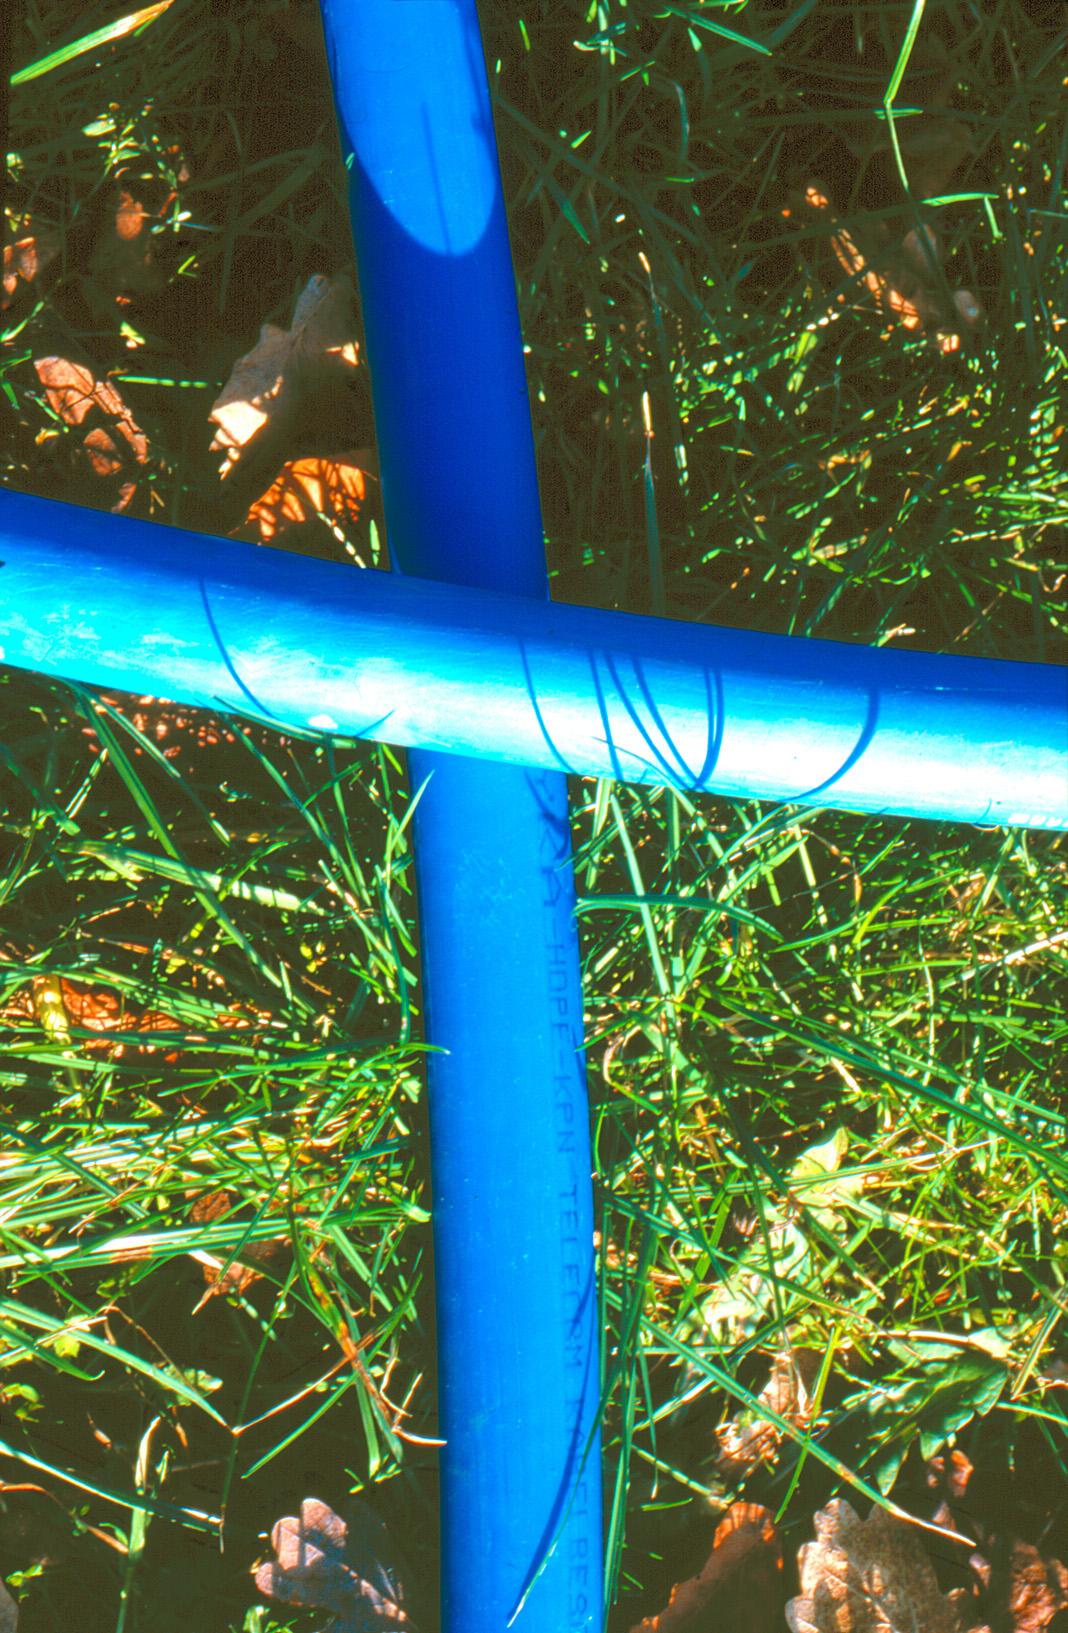 het blauwe kruis